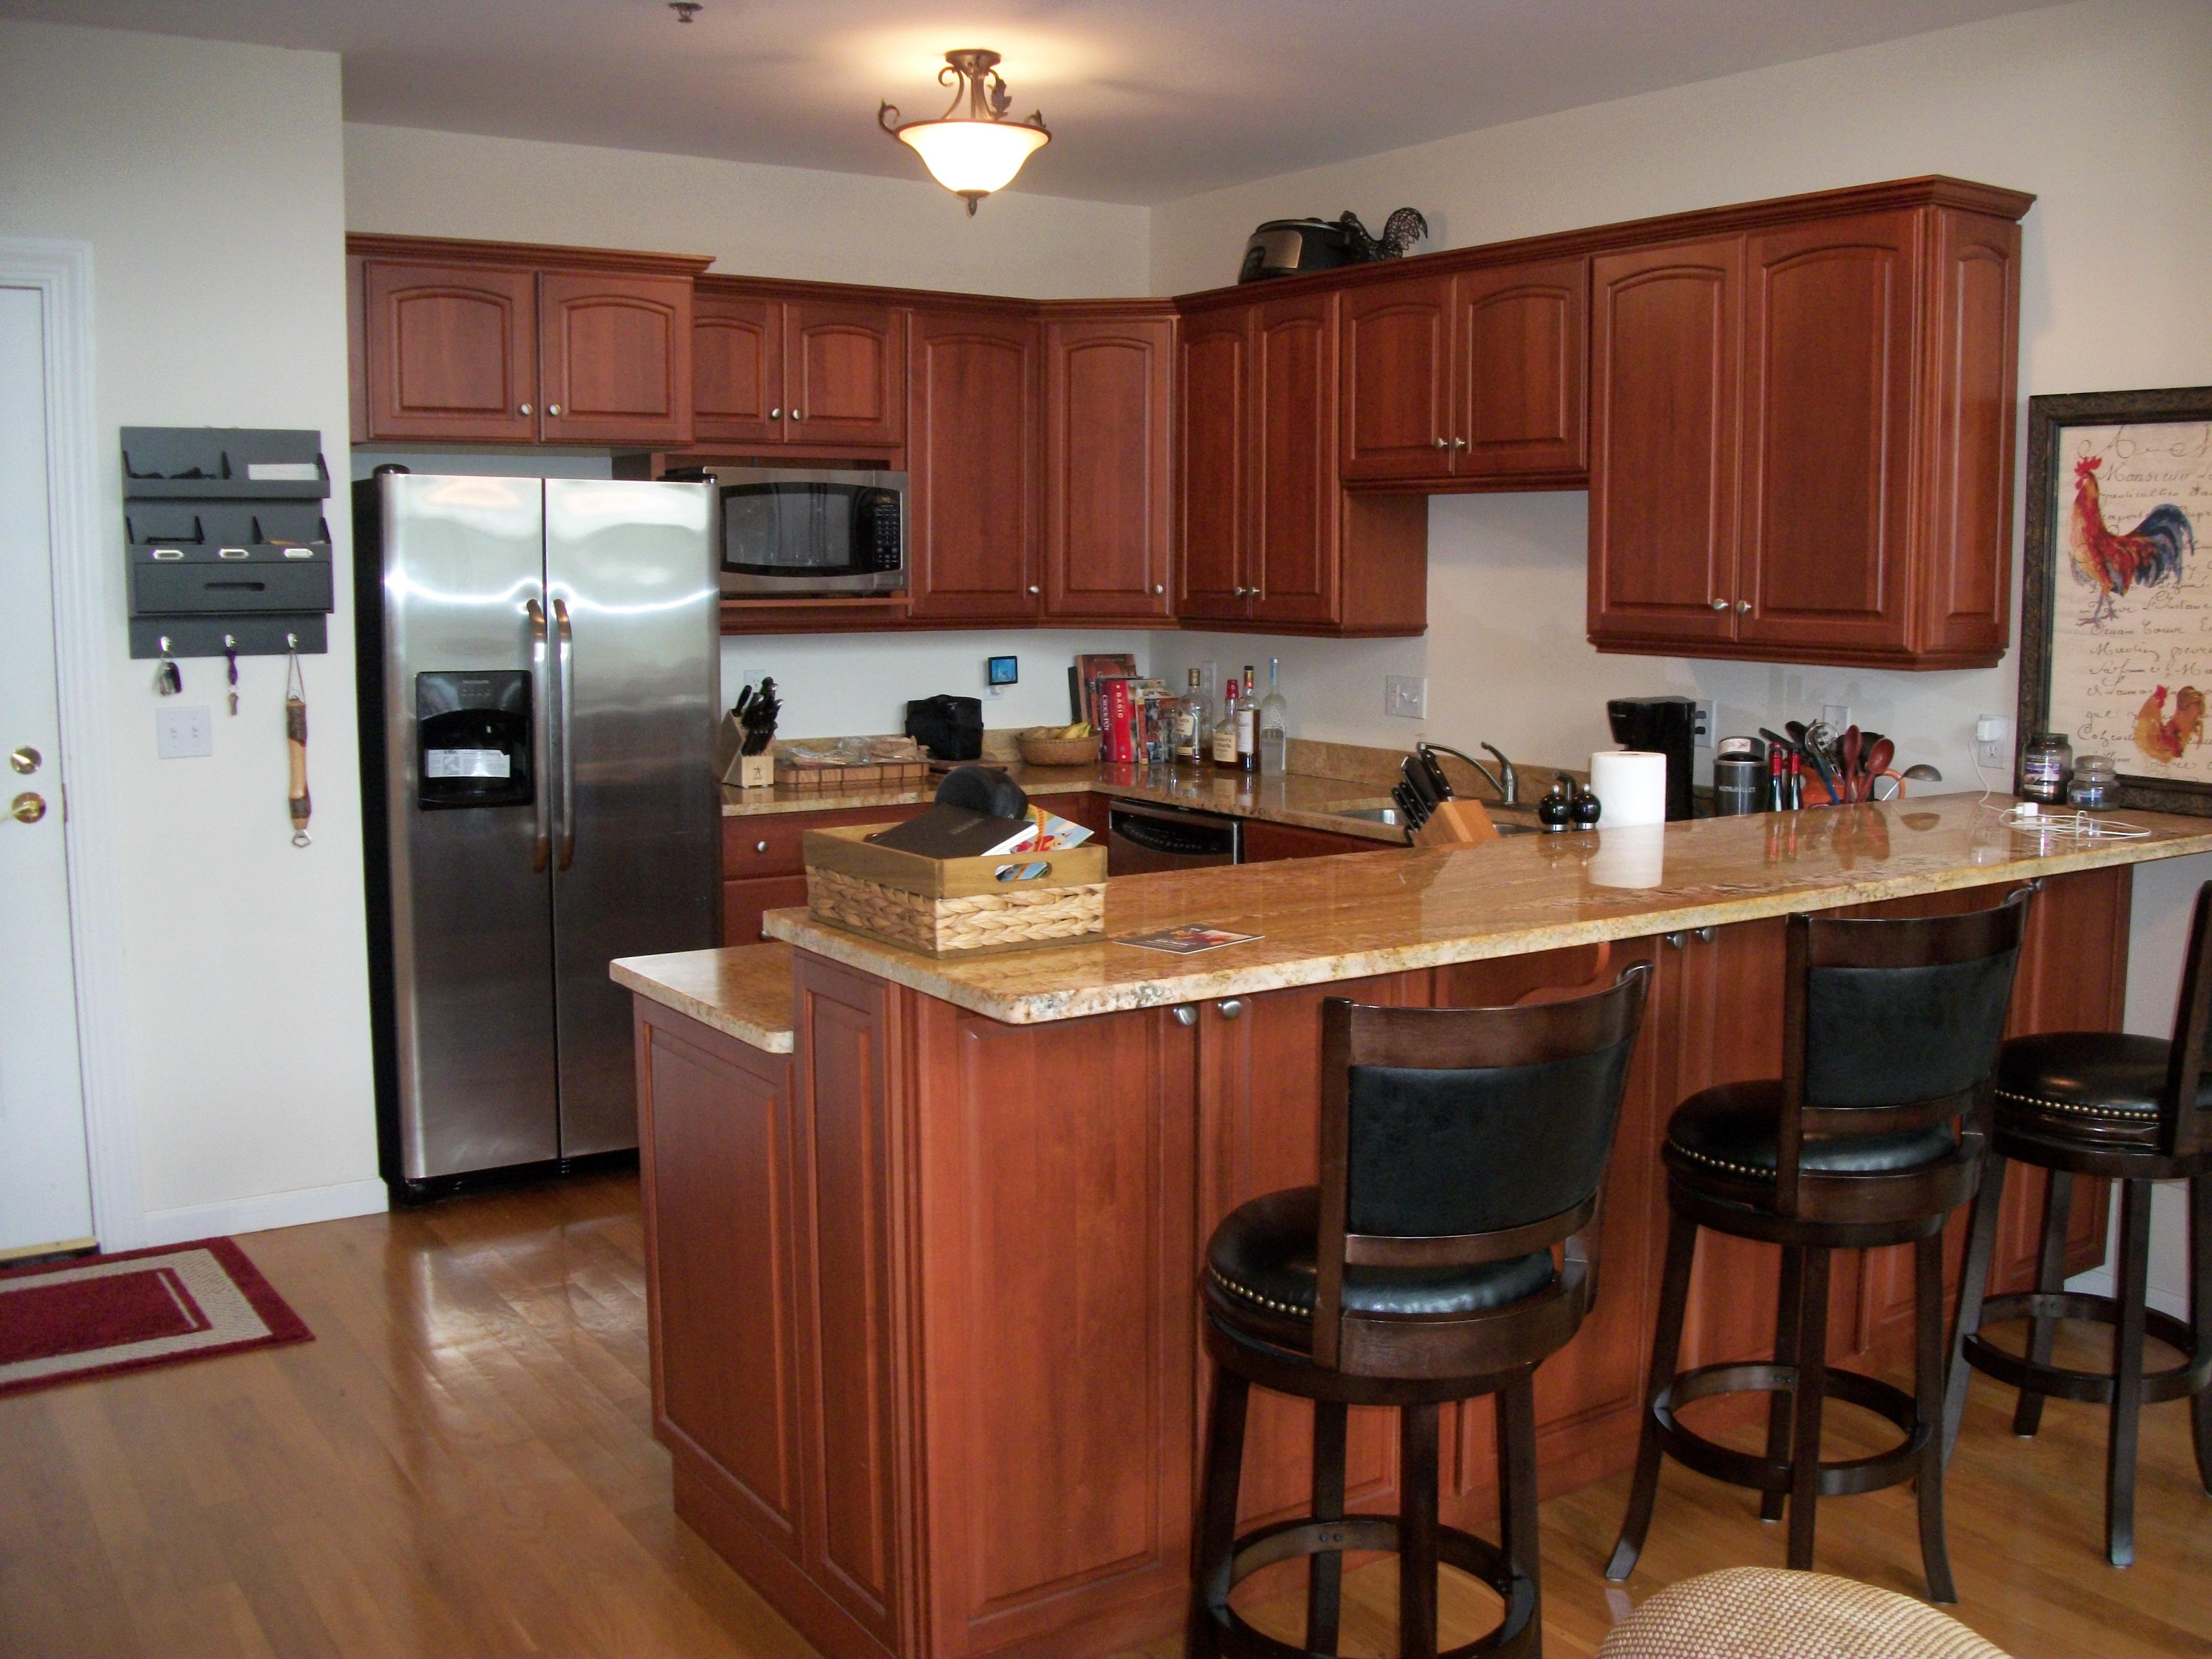 Condomínio para Venda às 1 Indian Neck Ave 1 Indian Neck Ave 12 Branford, Connecticut 06405 Estados Unidos